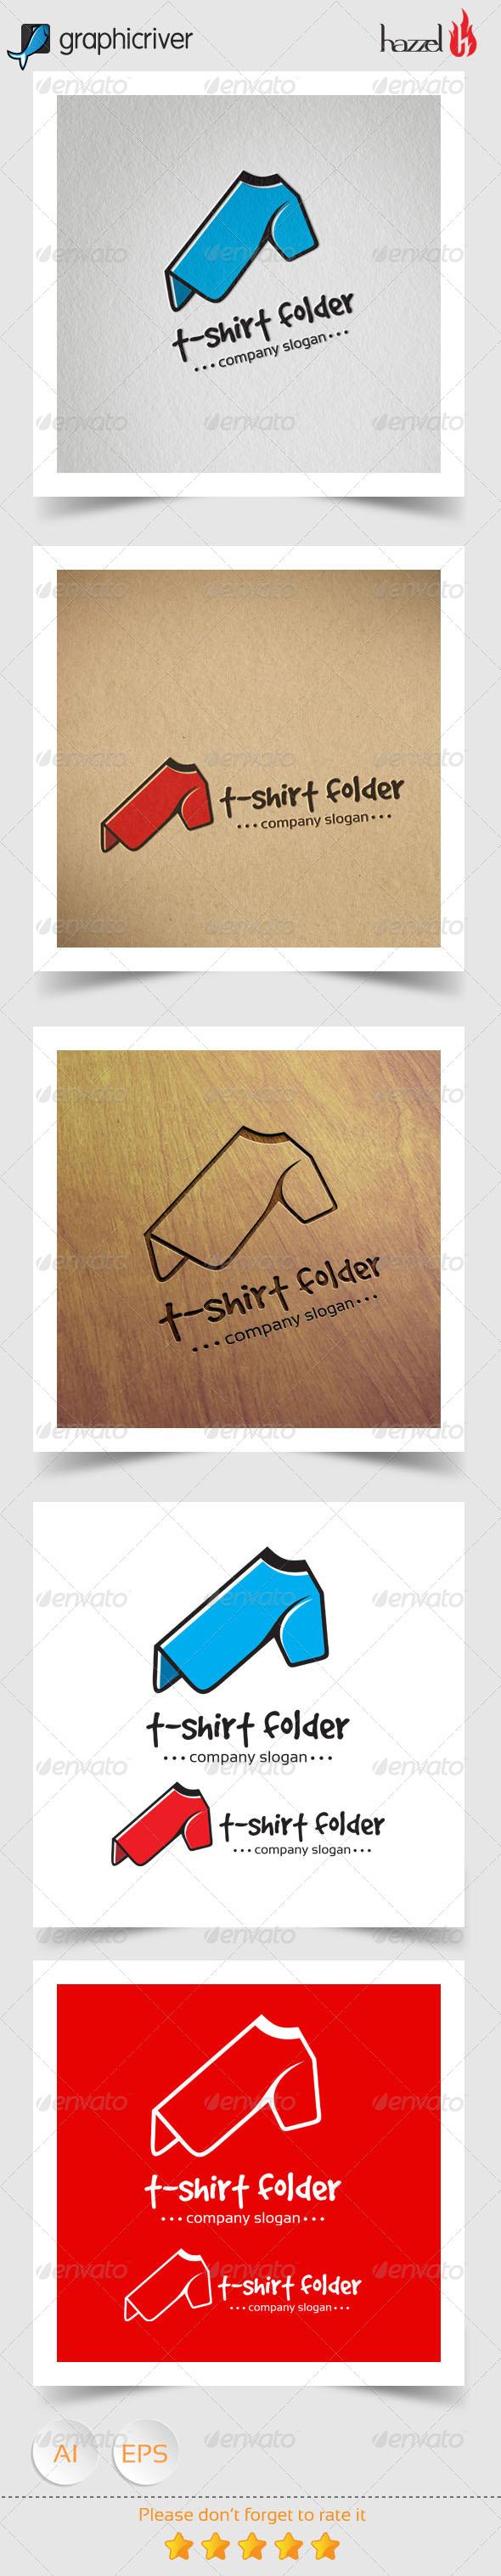 GraphicRiver T-shirt Folder Logo 8167318